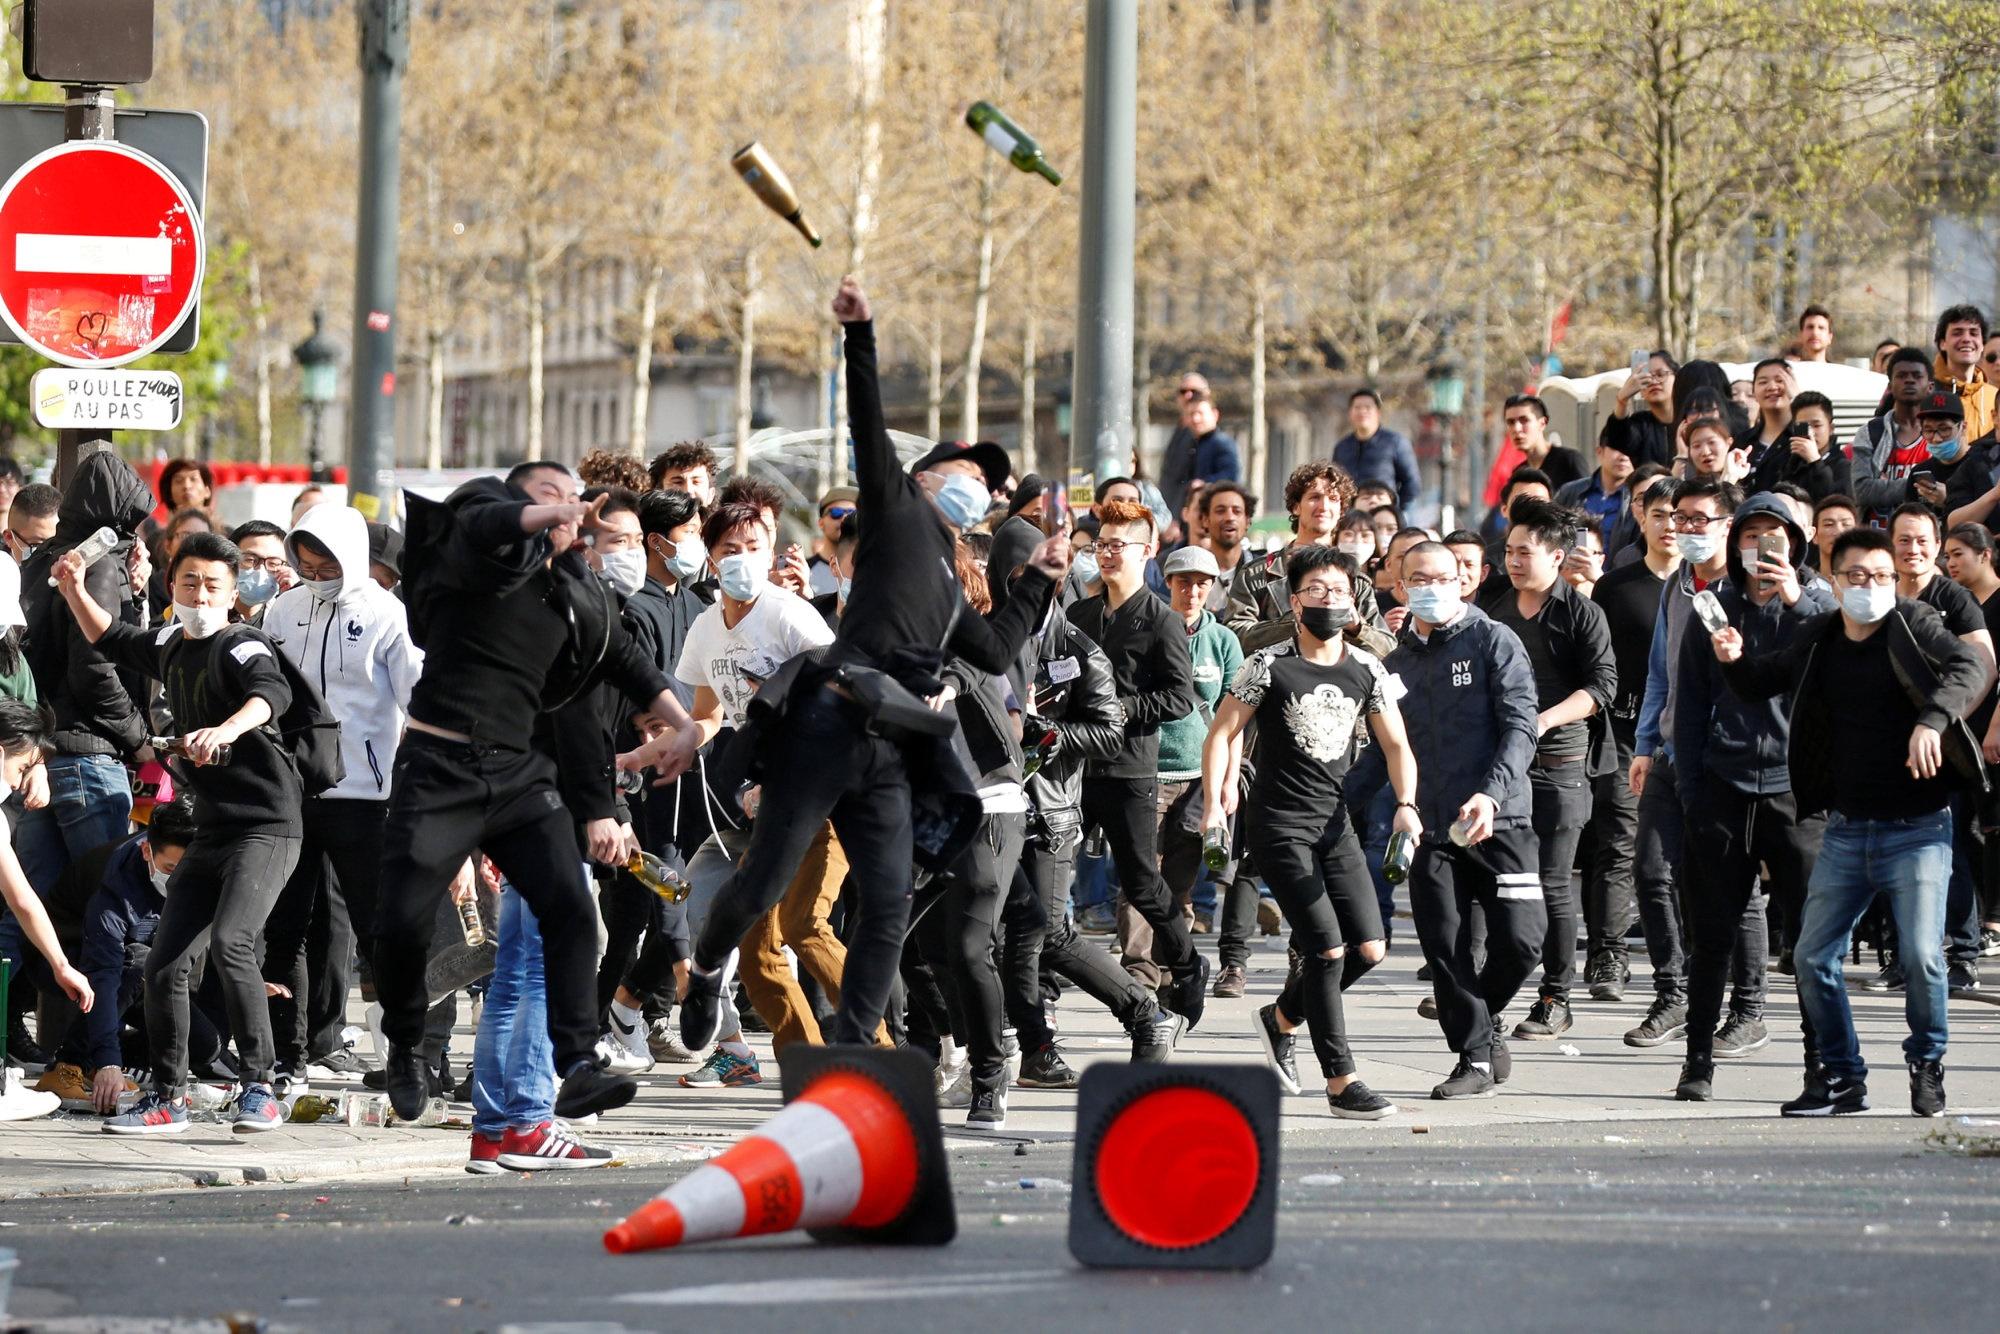 تصاویر | تظاهرات چینیها در پاریس همچنان با خشونت ادامه دارد